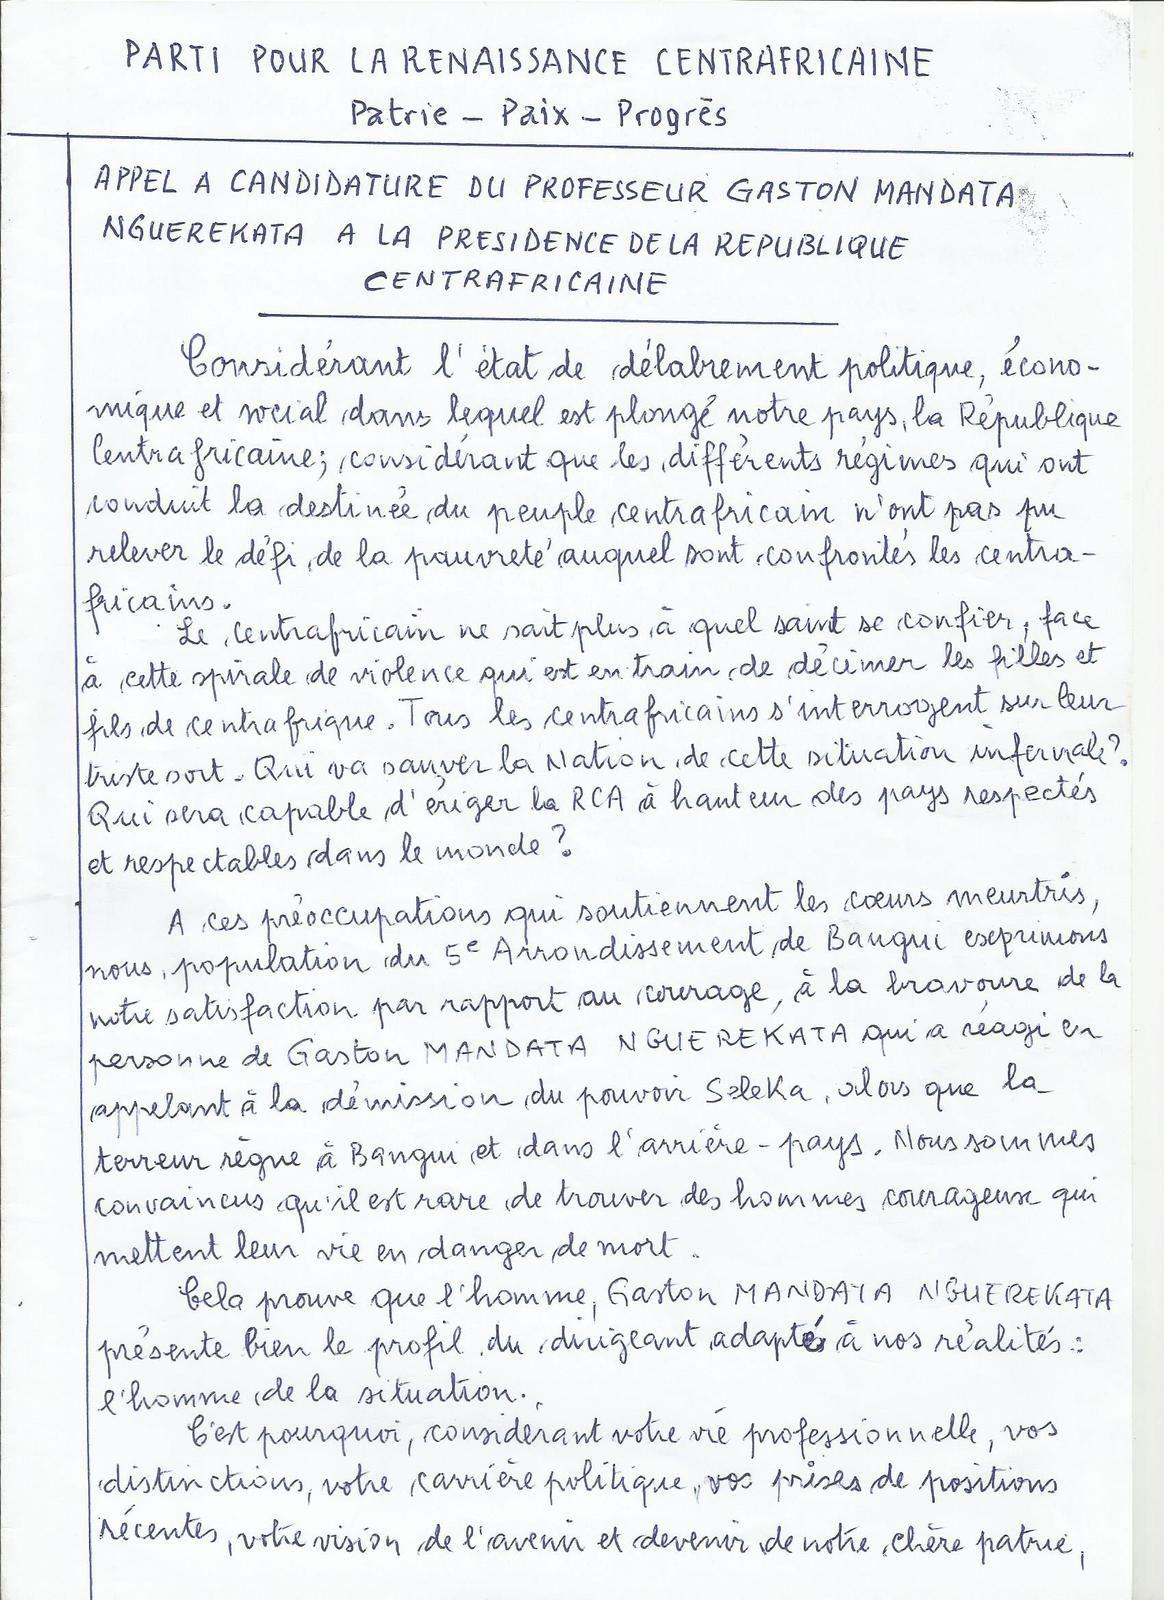 Appel à candidature du Pr N'Guérékata - Bangui - 5ème Arrondissement